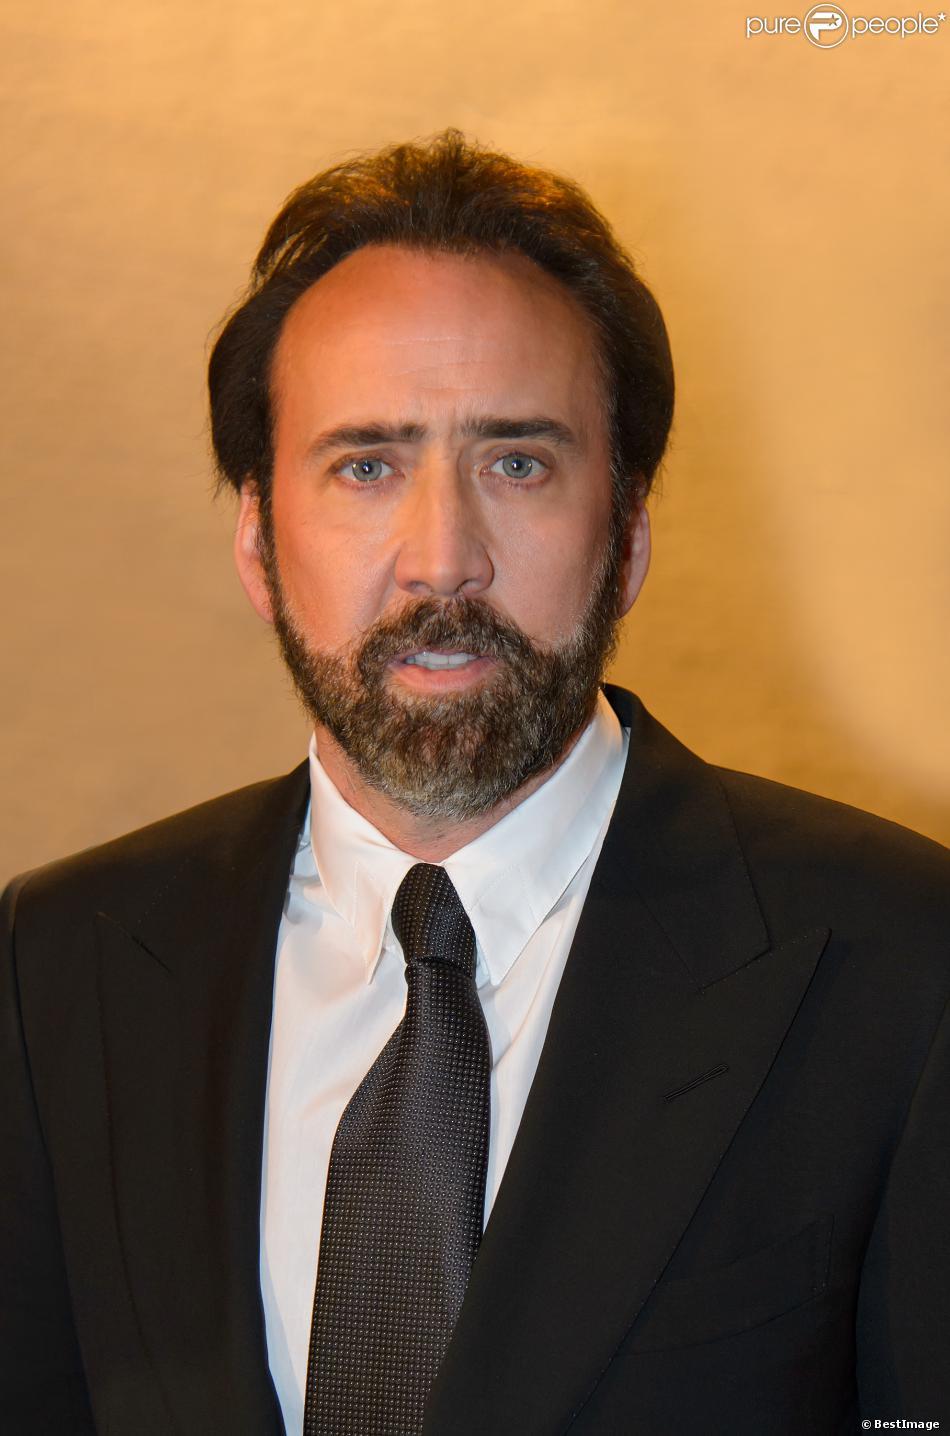 L'acteur américain Nicolas Cage, l'ambassadeur de bonne volonté de l'ONUDC (Office des Nations unies contre la drogue et le crime) assiste a une reception de l'ONUDC à Vienne le 5 Novembre 2013